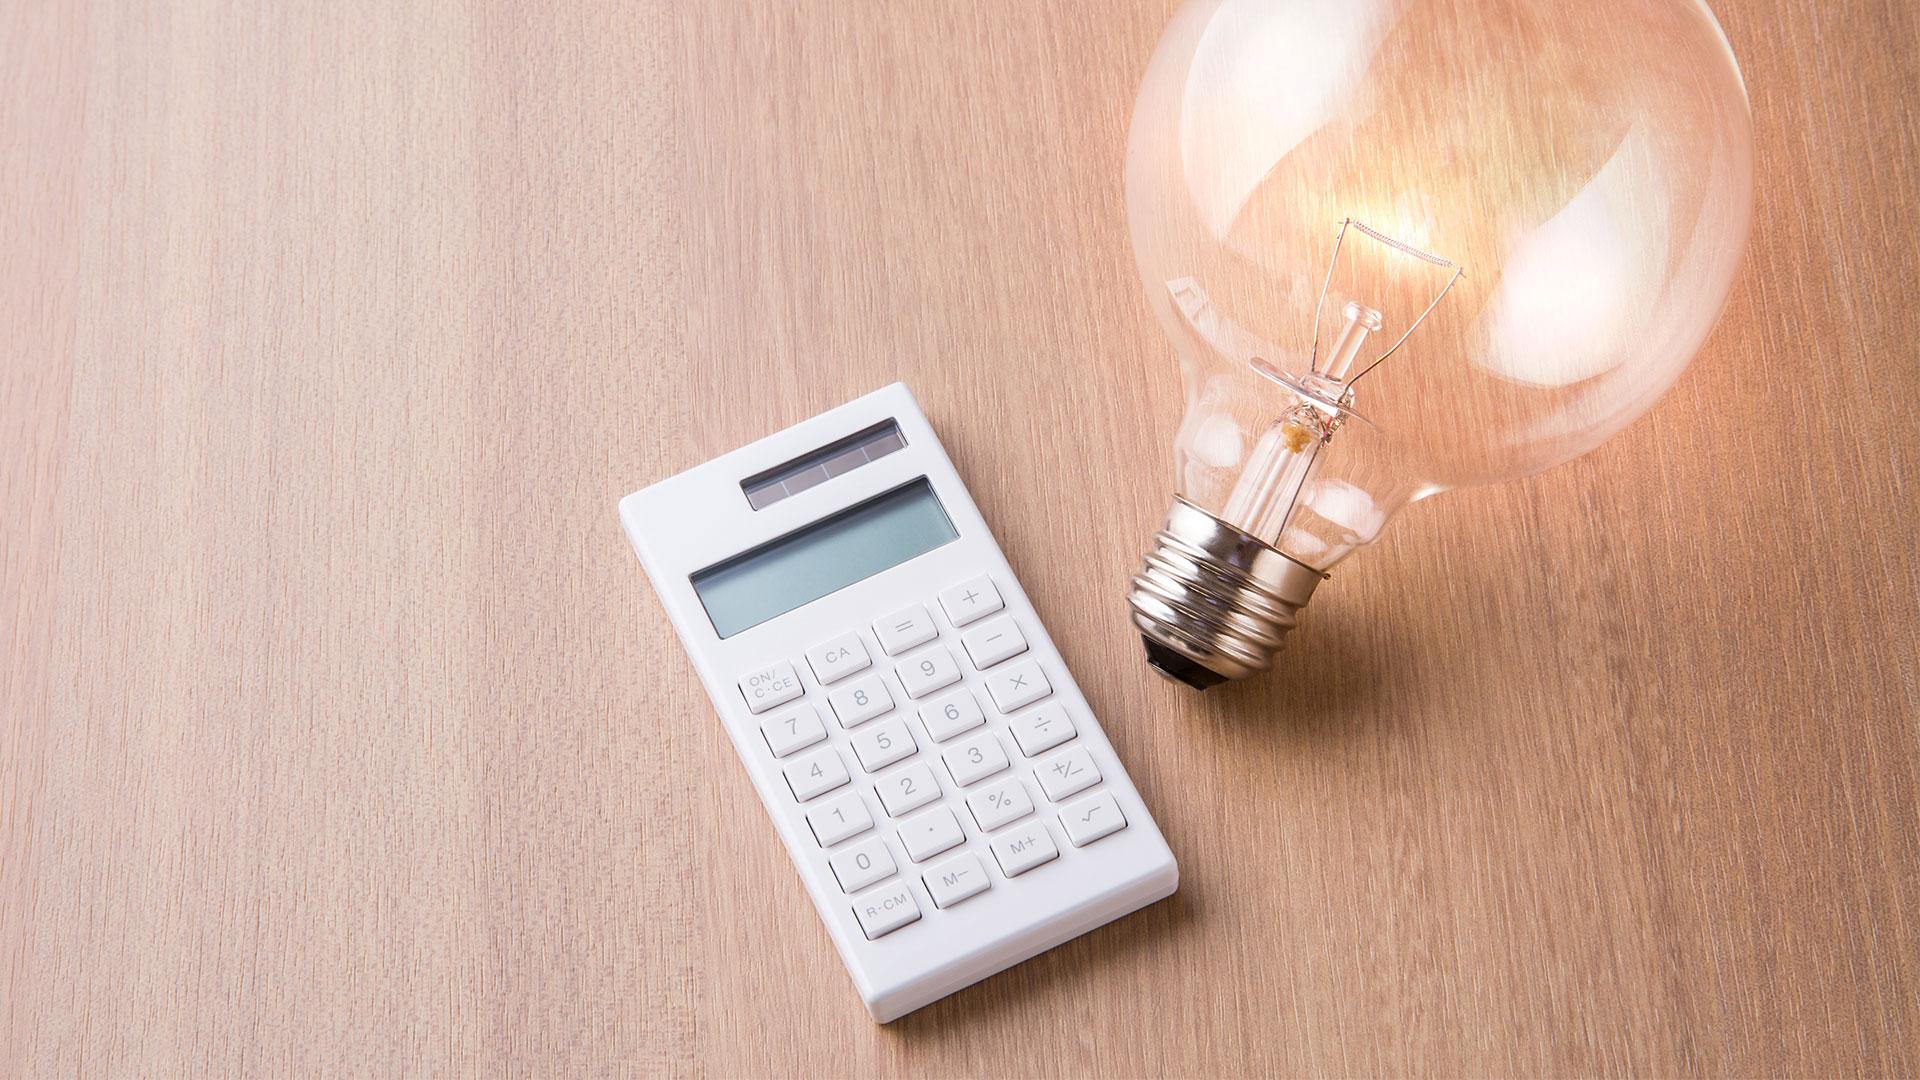 東京電力の電気料金はいくら?料金プランは12種類